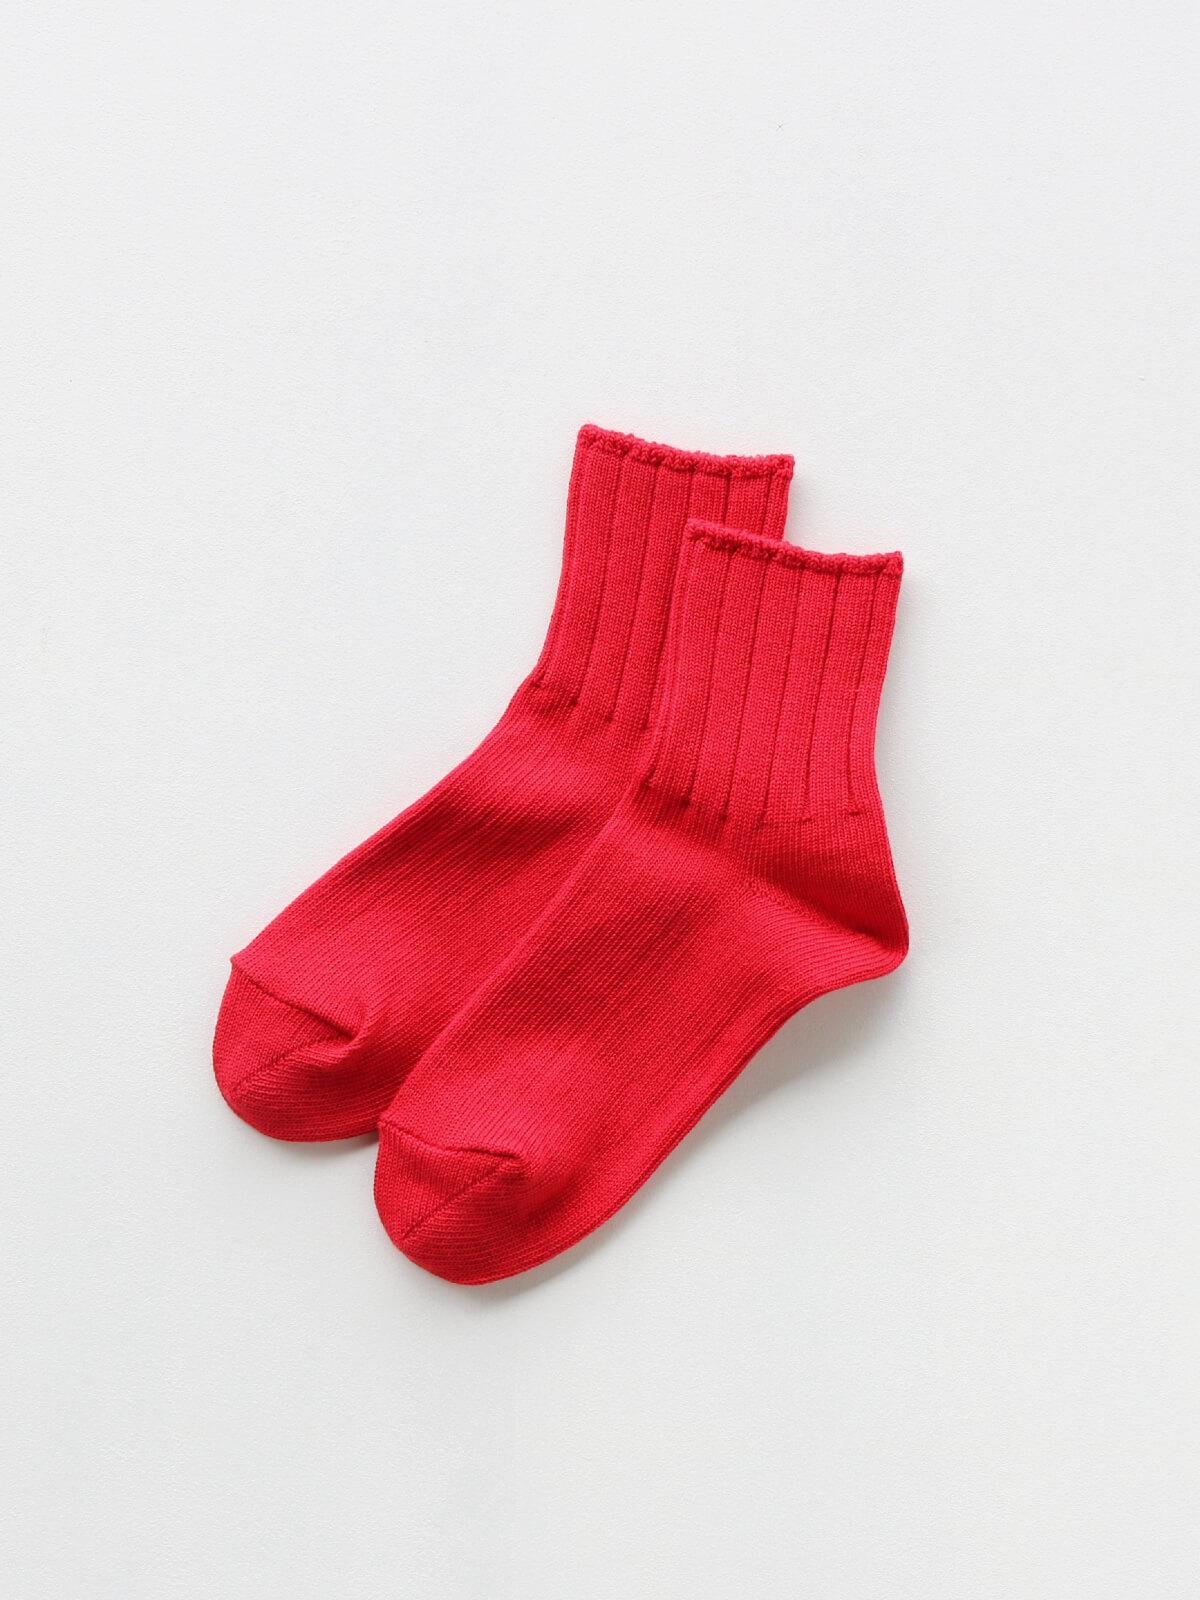 当たりつきギフト専用靴下のLUCKY SOCKS(ラッキーソックス)のSmooth Ankle Socks(スムースアンクルソックス)のレッド_2